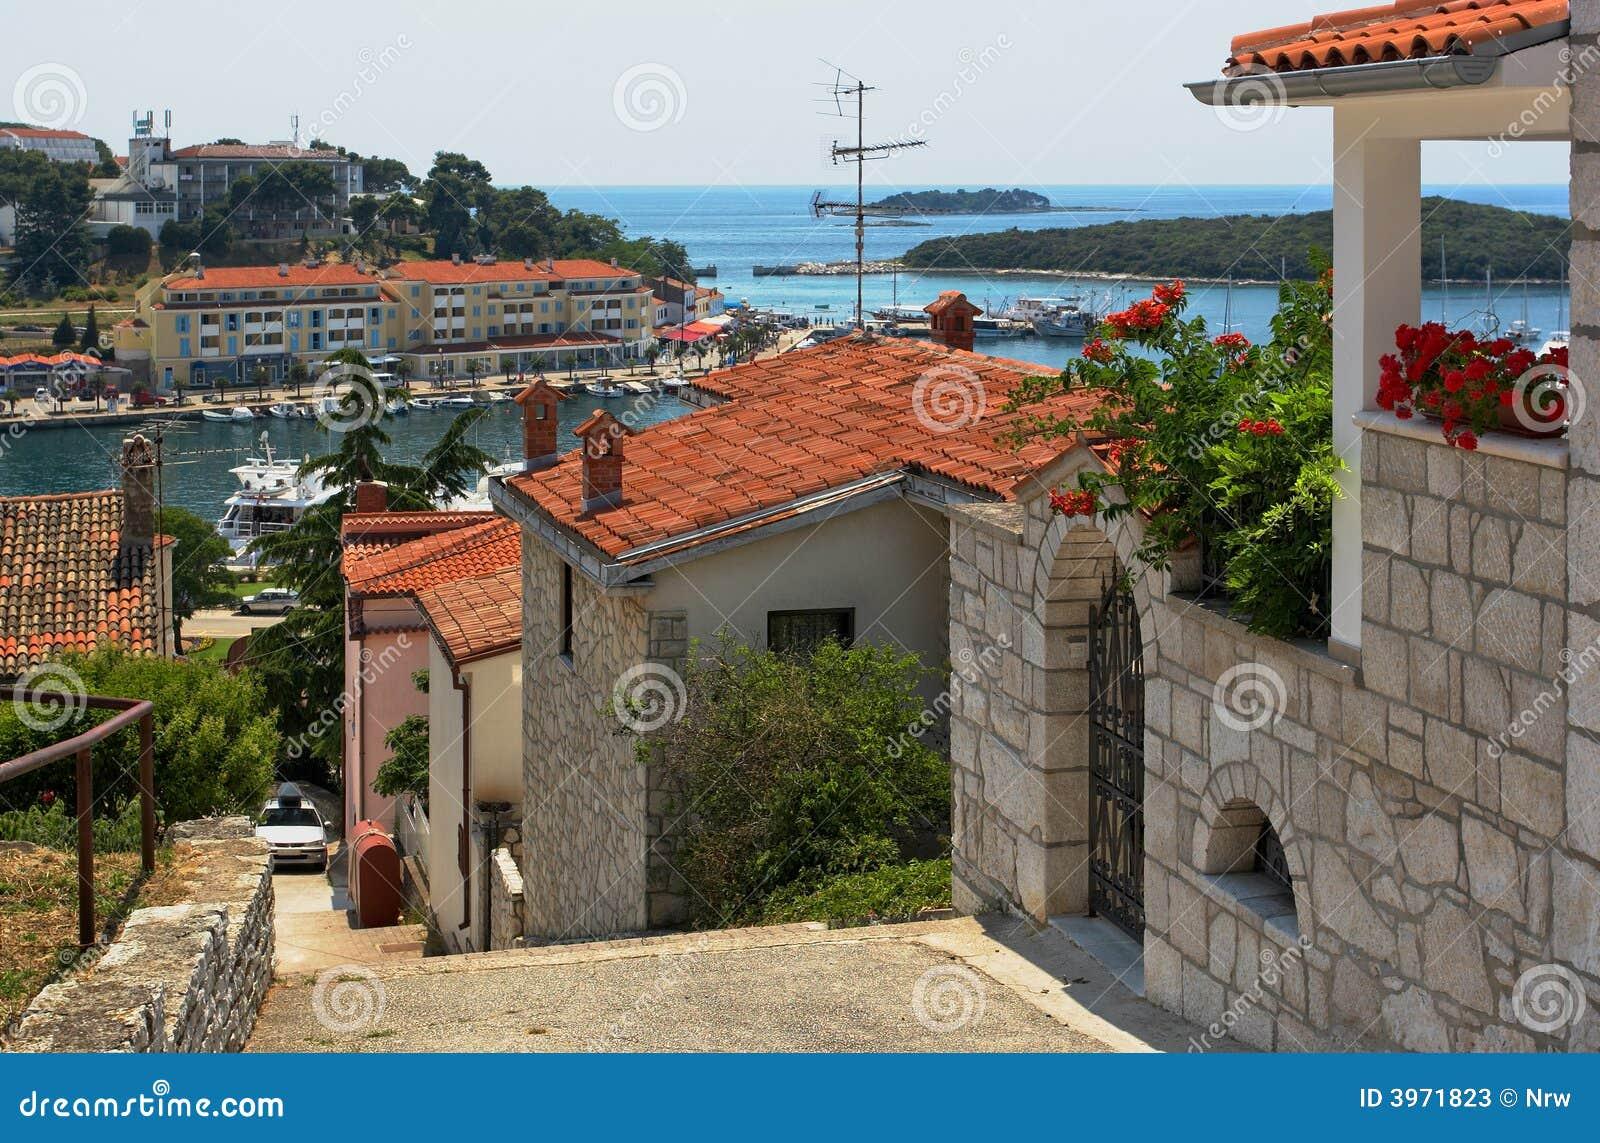 La bahía. Vrsar, Croatia